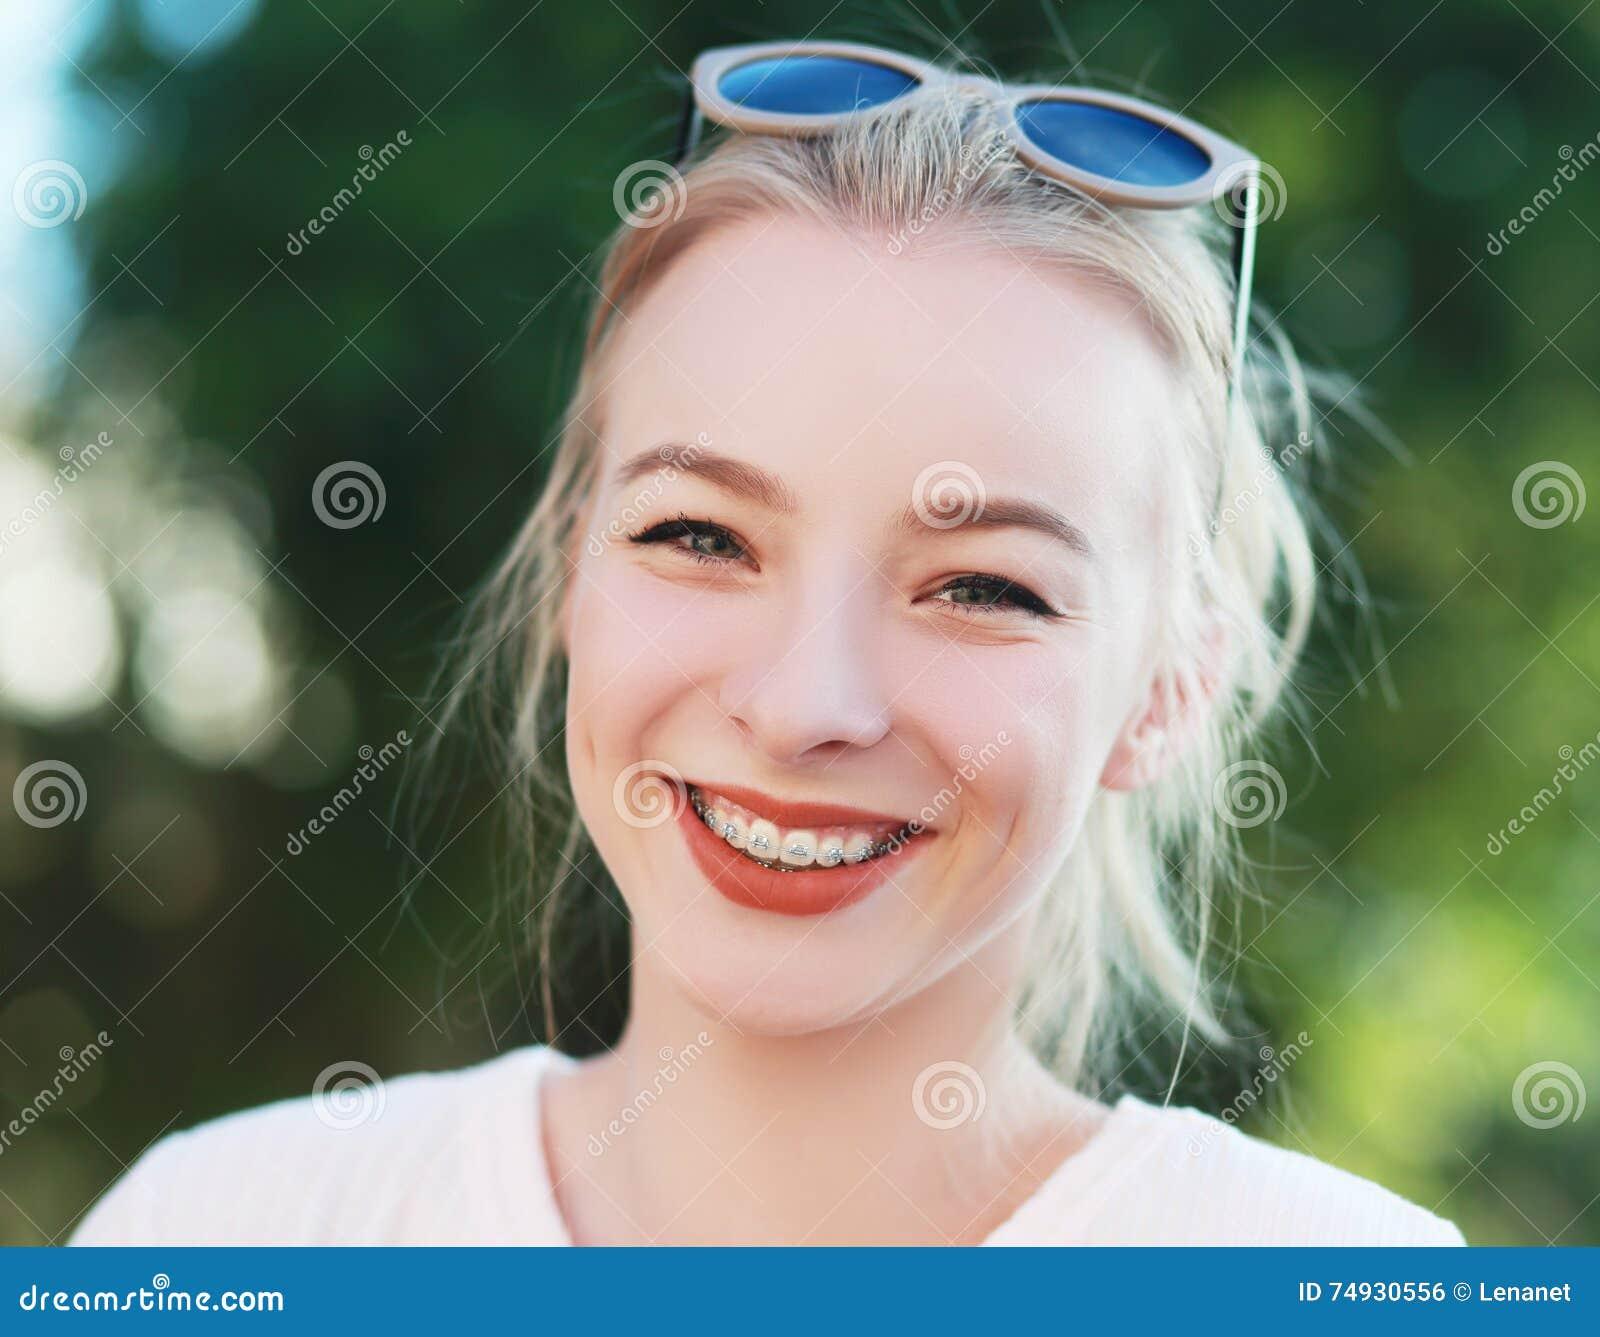 Braces on her teeth